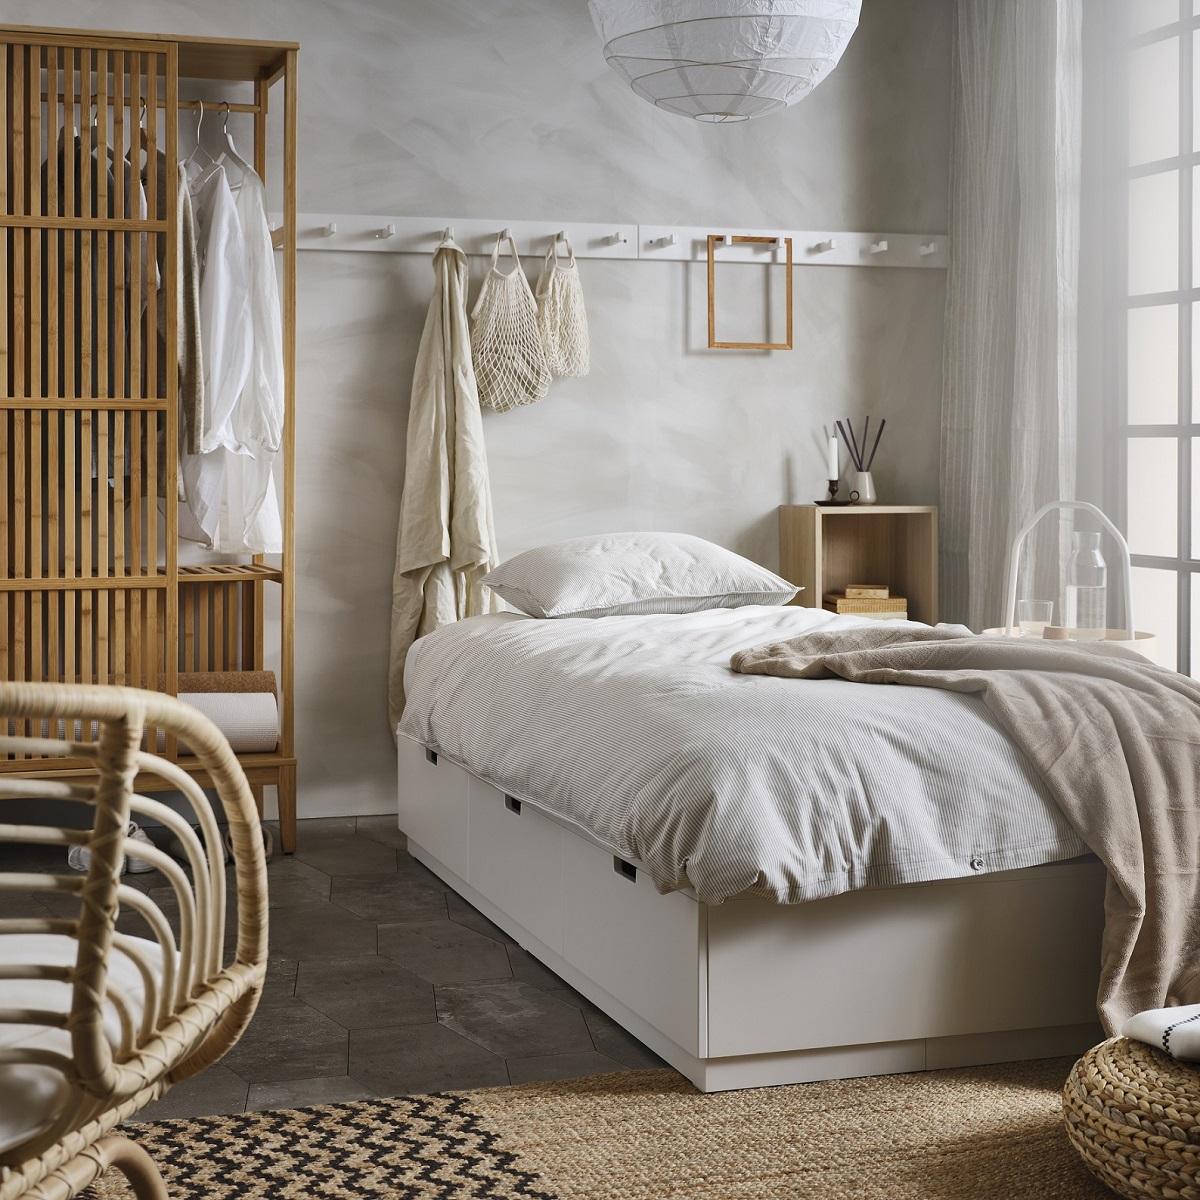 biala-sypialnia-z-drewnem